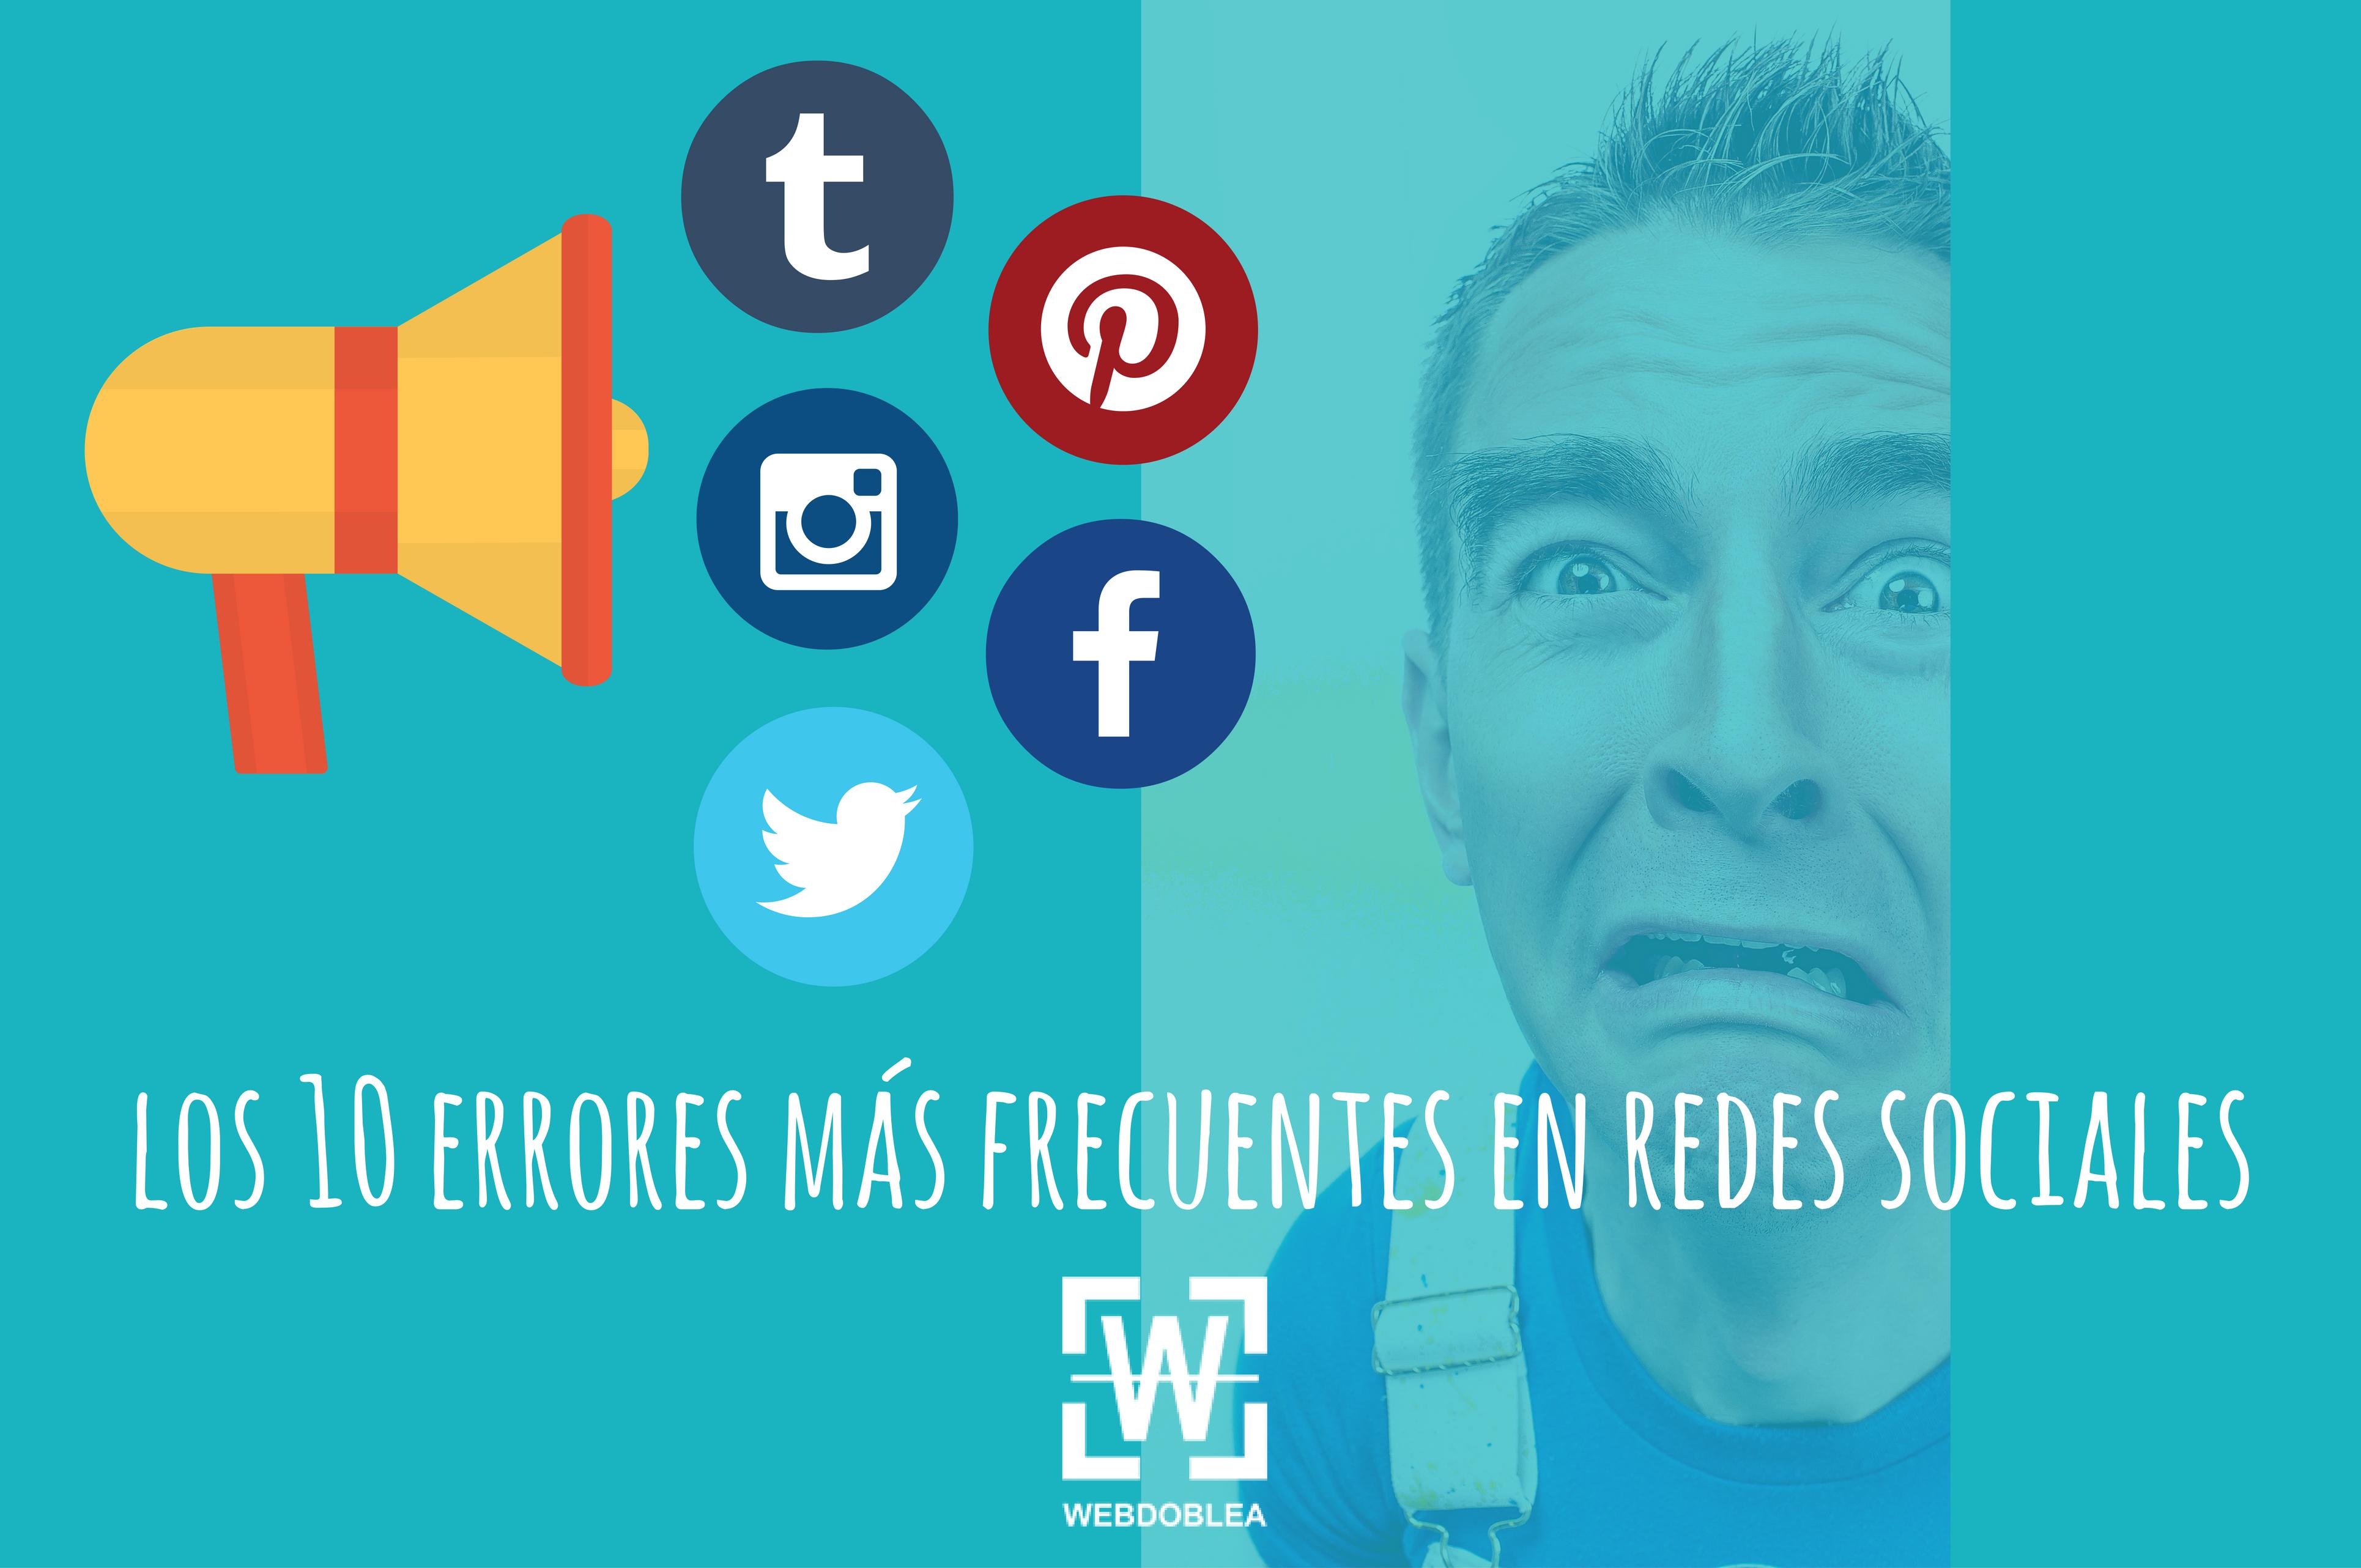 10_errores_frecuentes_redes_sociales